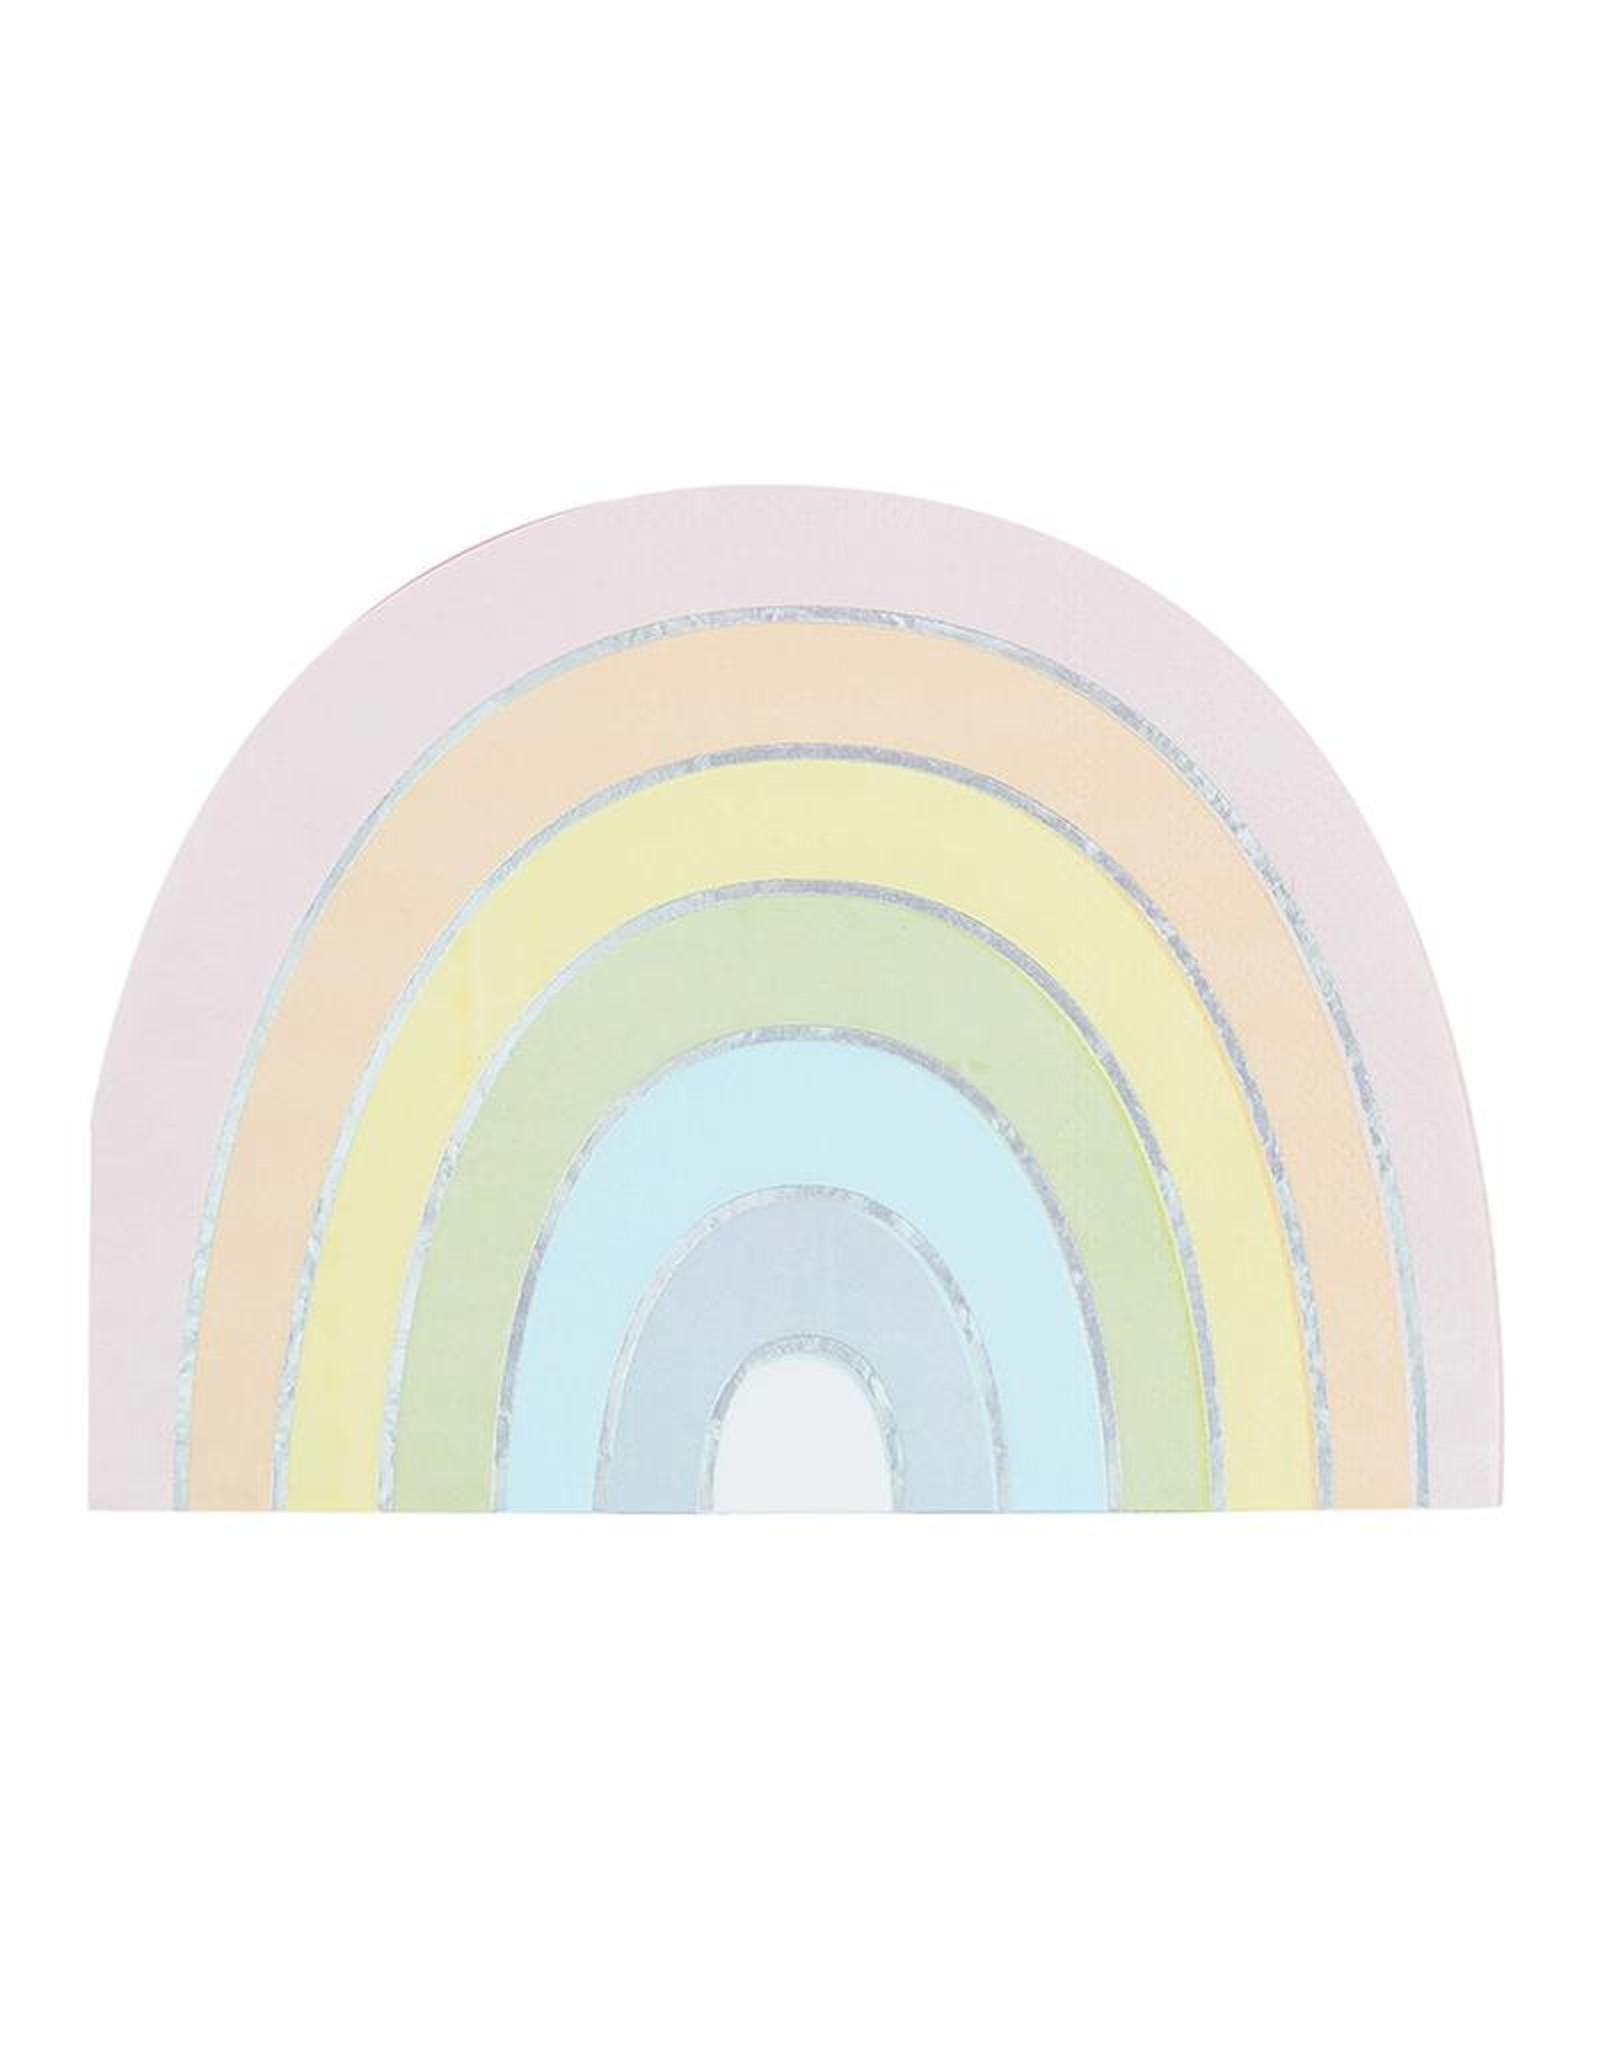 Ginger Ray Servetten regenboog | 8 stuks